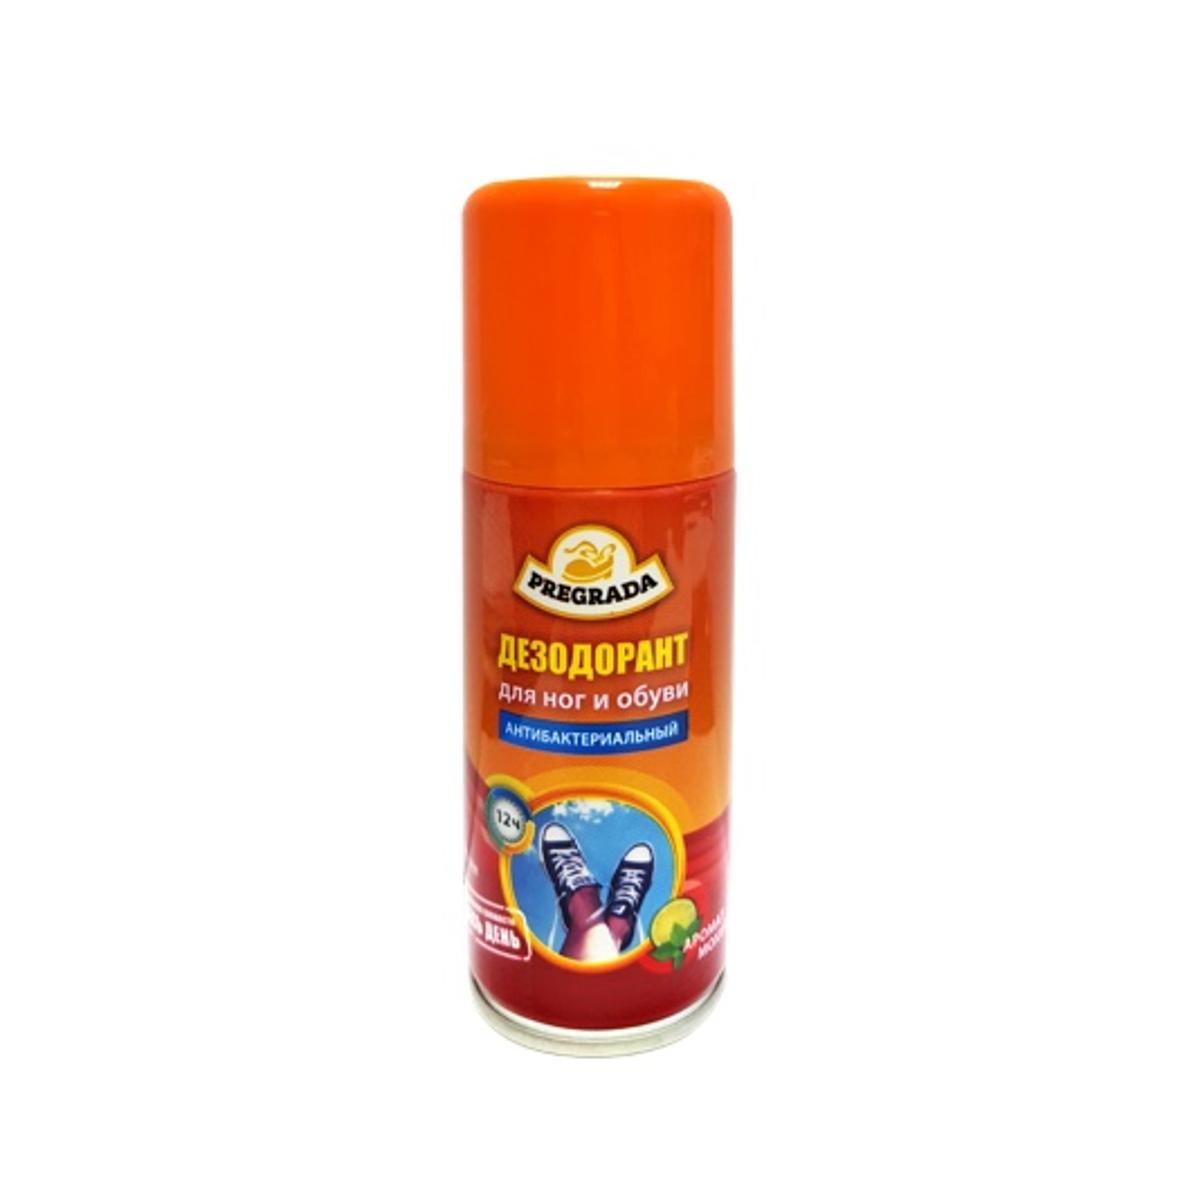 Аэрозоль дезодорант для ног и обуви Pregrada Защита от запахаMW-3101Pregrada универсальный дезодорант для ног и обуви АНТИБАКТЕРИАЛЬНЫЙ 100мл с приятным запахом мохито превосходно нетрализует неприятные запахи. Обеспечивает защиту ног и обуви от запаха на целый день! Противомикробное действие компонентов защищает от возникновения грибковых инфекций. Идеально подходит для занятий спортом и активного отдыха.Способ применения: Перед употреблением встряхнуть баллон . Распылять на чистую и сухую кожу стоп. Уделите особое внимание местам между пальцами ног, где расположены источники пота. Распылить на внутреннюю поверхность обуви, дать высохнуть. Рекомендуется повторять процедуру до и после ношения. Меры предосторожности:Беречь от детей! Огнеопасно! Хранить в сухом прохладном месте вдали от прямых солнечных лучей. Состав: пропан, бутан, изобутан , растворитель ,пропиленгликоль, триклозан ,парфюмерная композиция